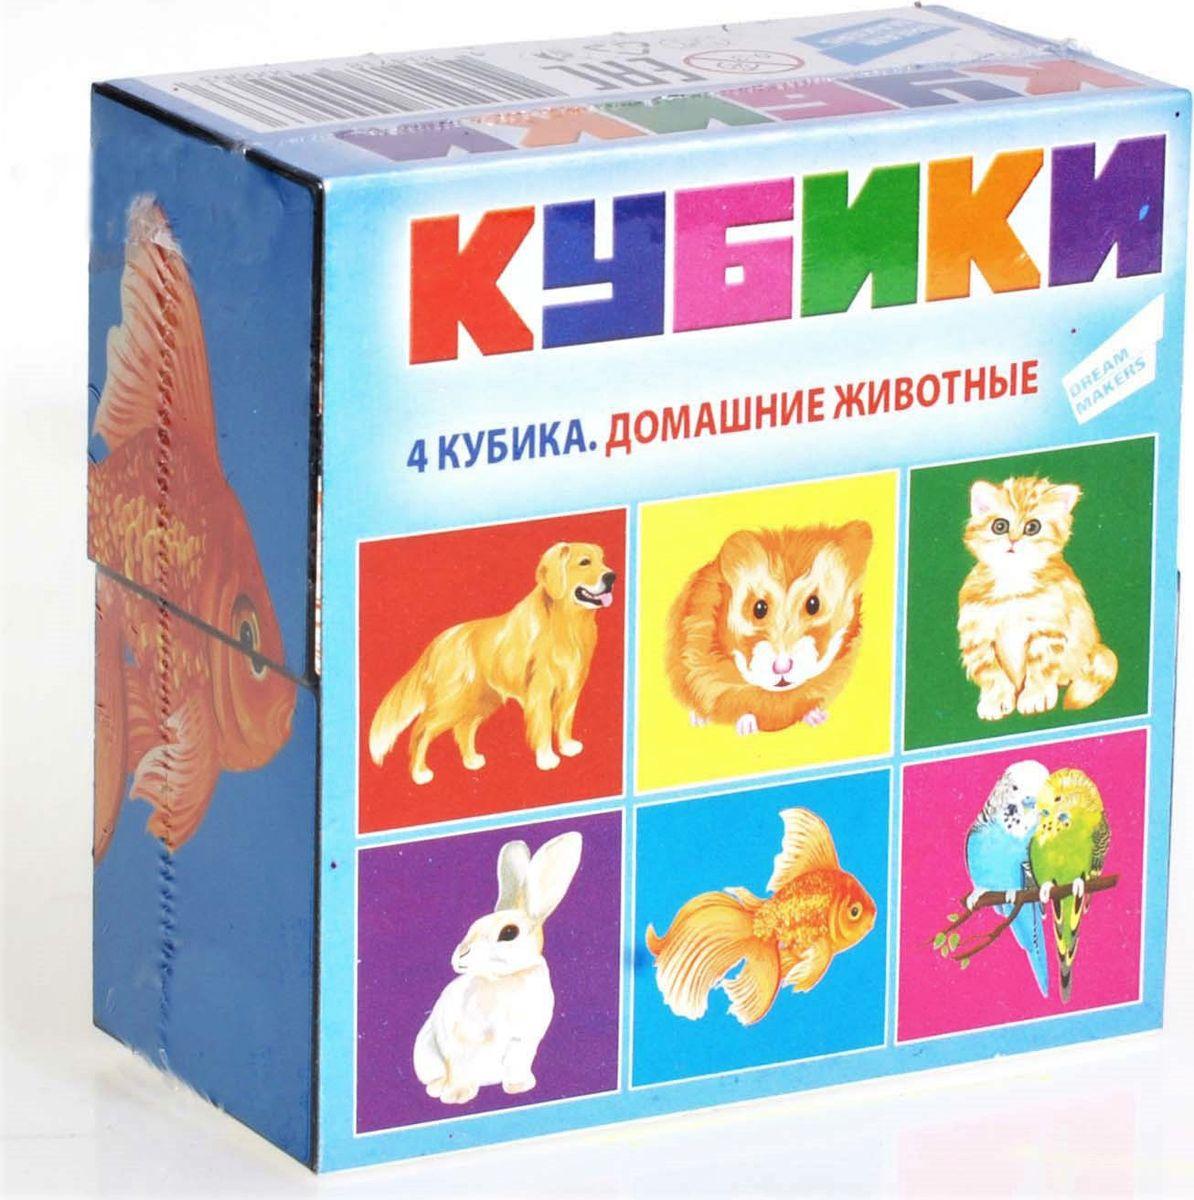 Dream Makers Кубики Домашние животные 4 шт